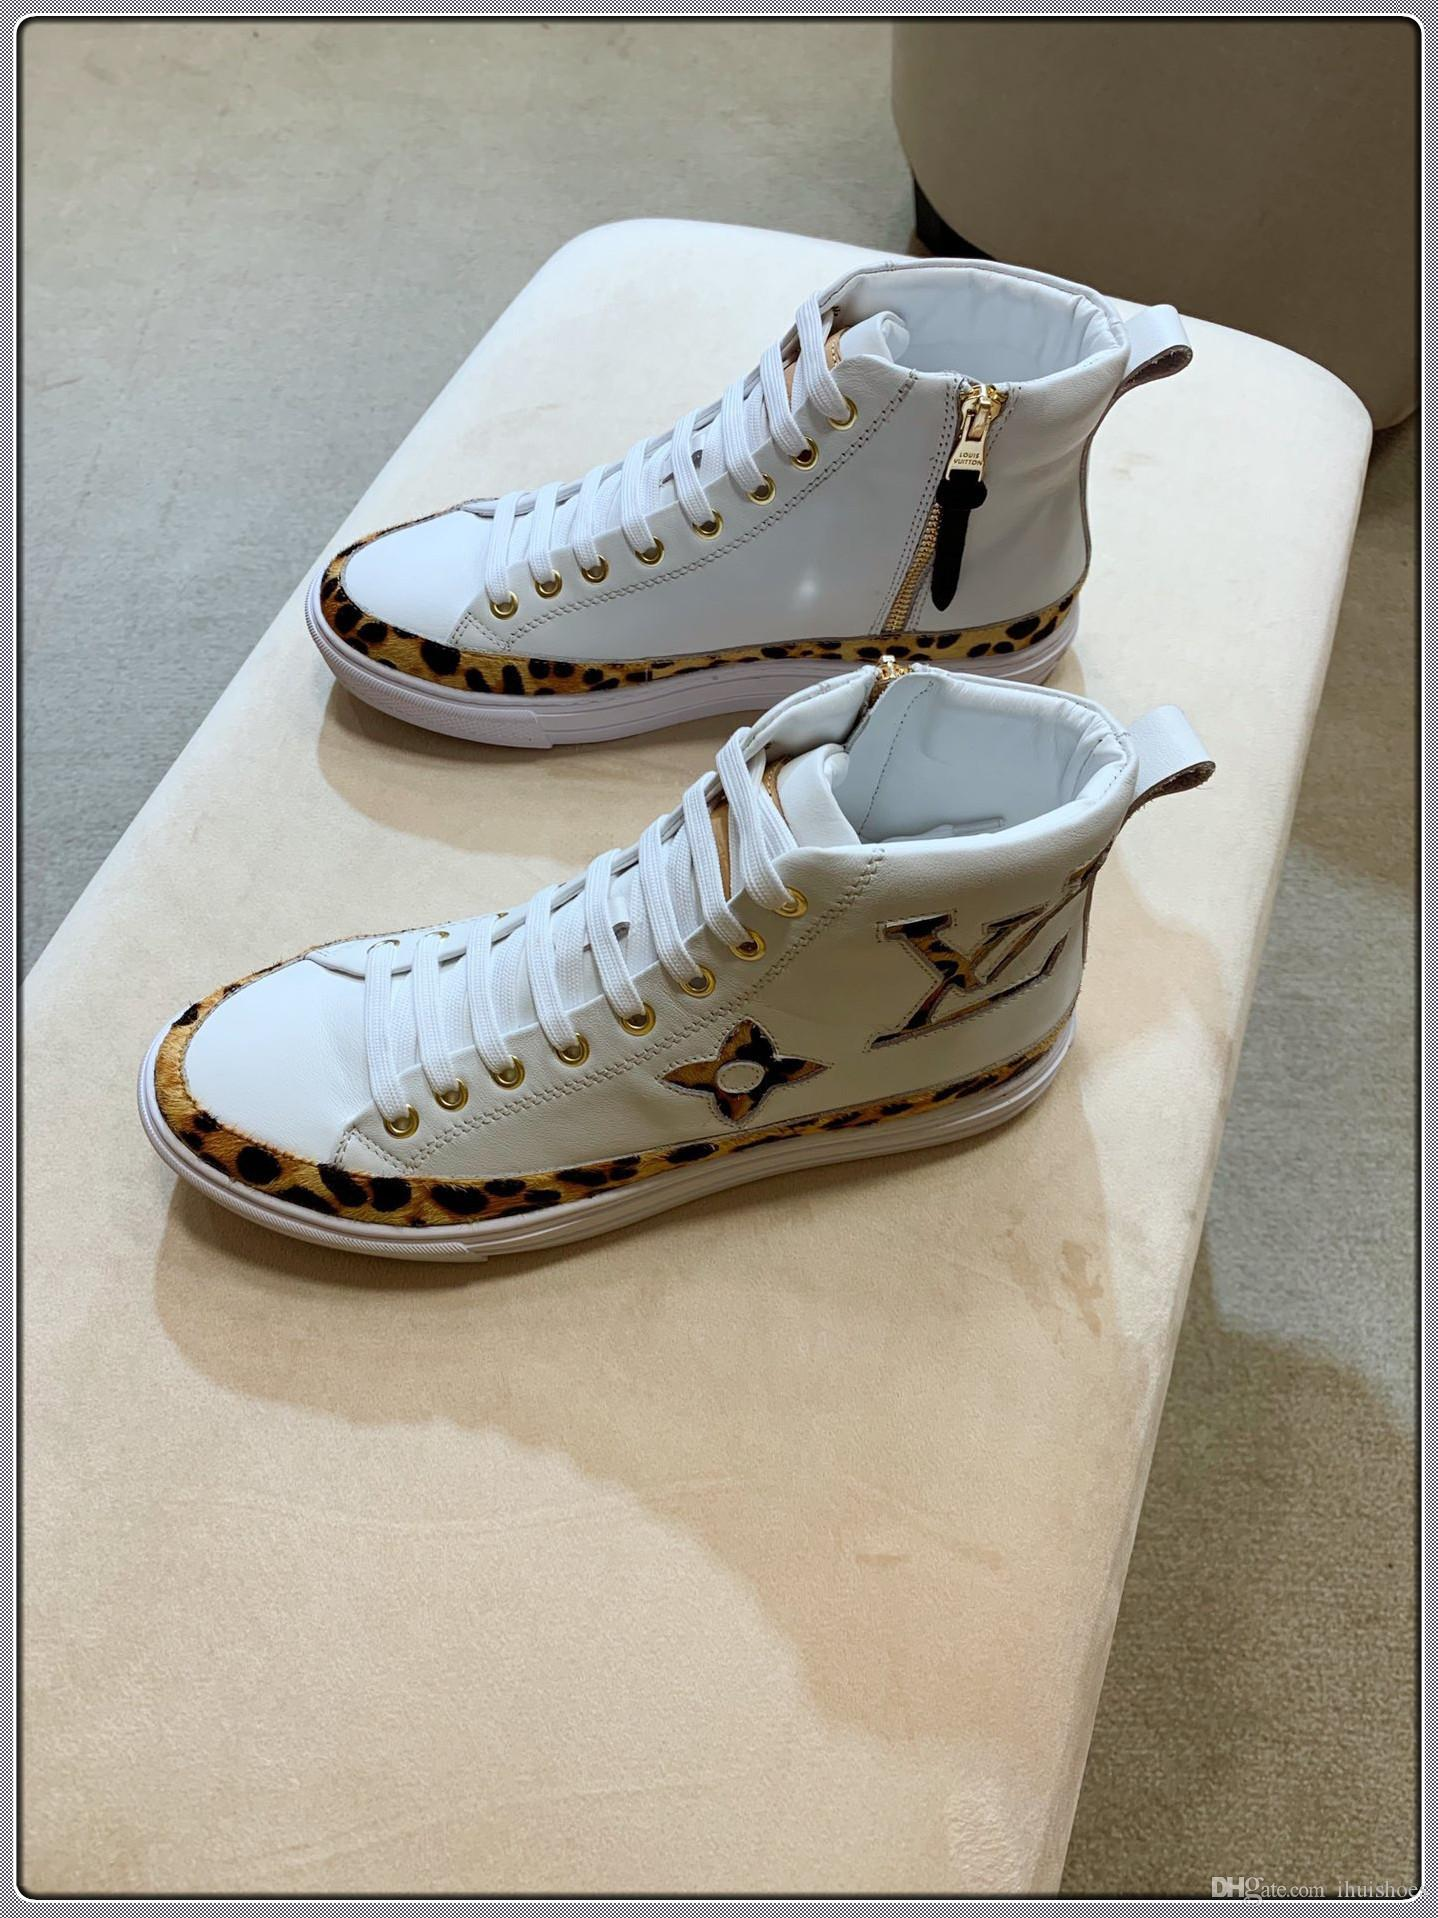 top chaussures hommes de luxe de cuir confortables chaussures de sport de haute marque de mode lacets de chaussures pour hommes occasionnels taille 38-45